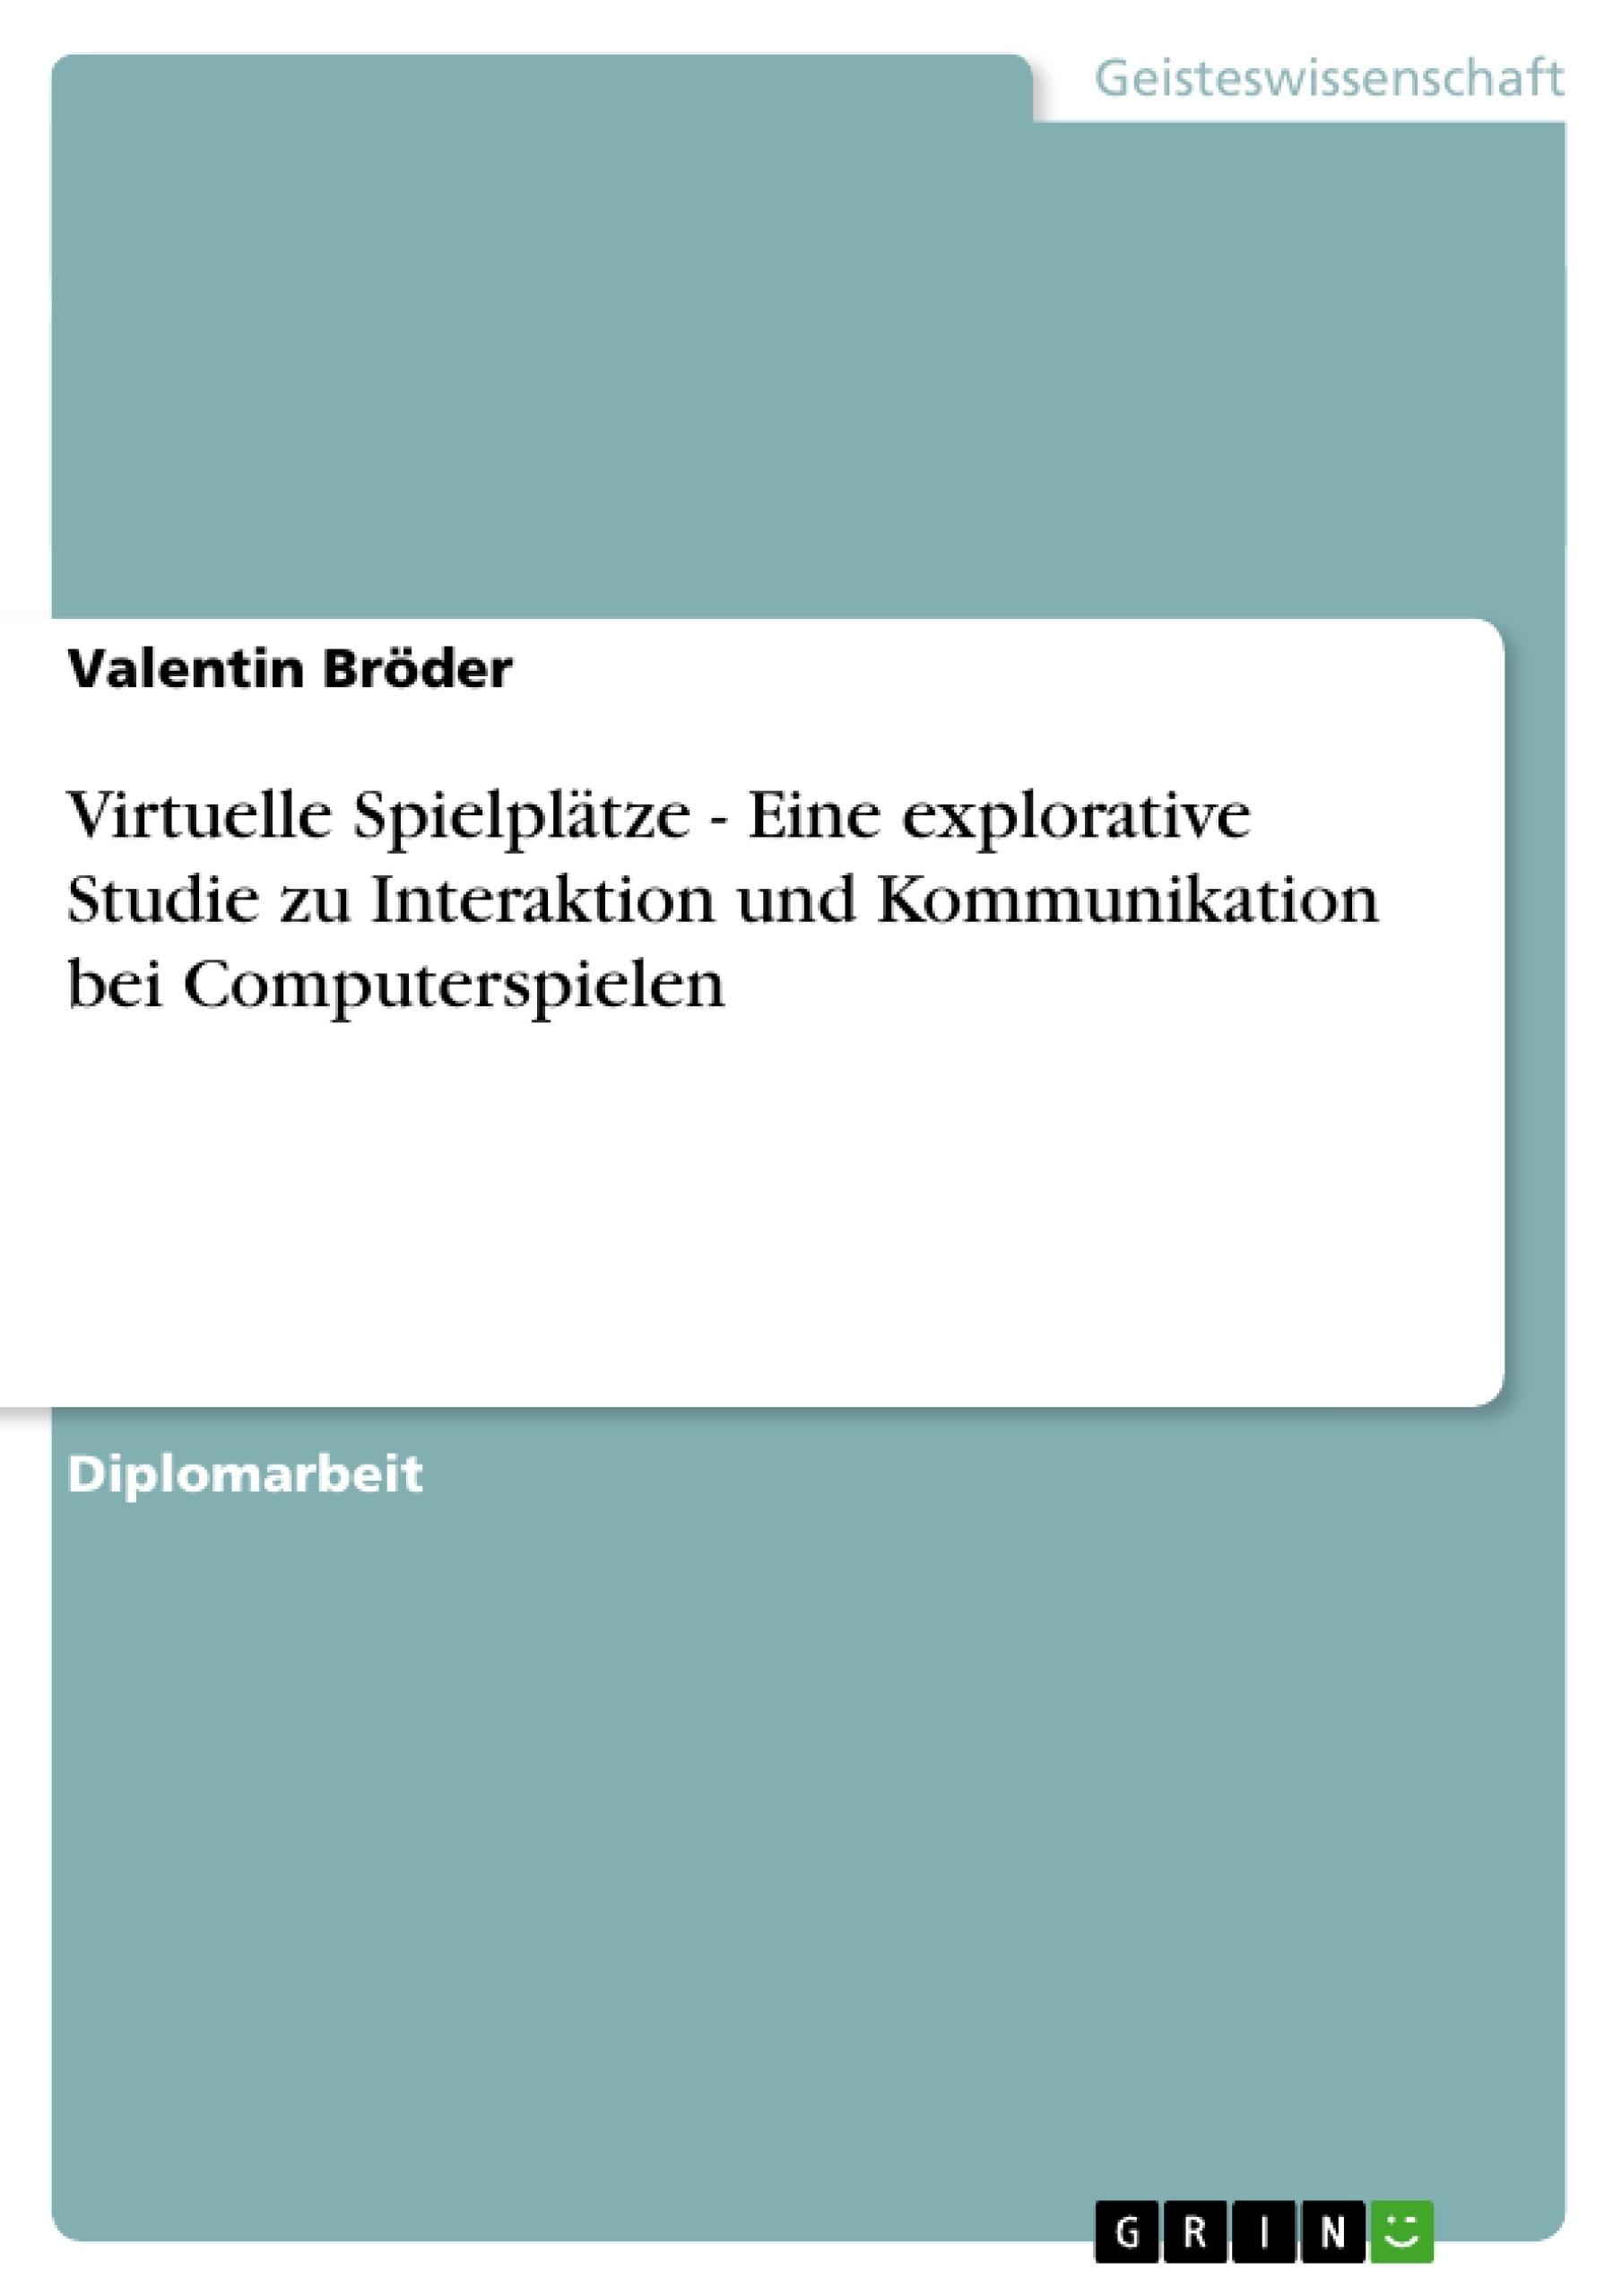 Titel: Virtuelle Spielplätze - Eine explorative Studie zu Interaktion und Kommunikation bei Computerspielen